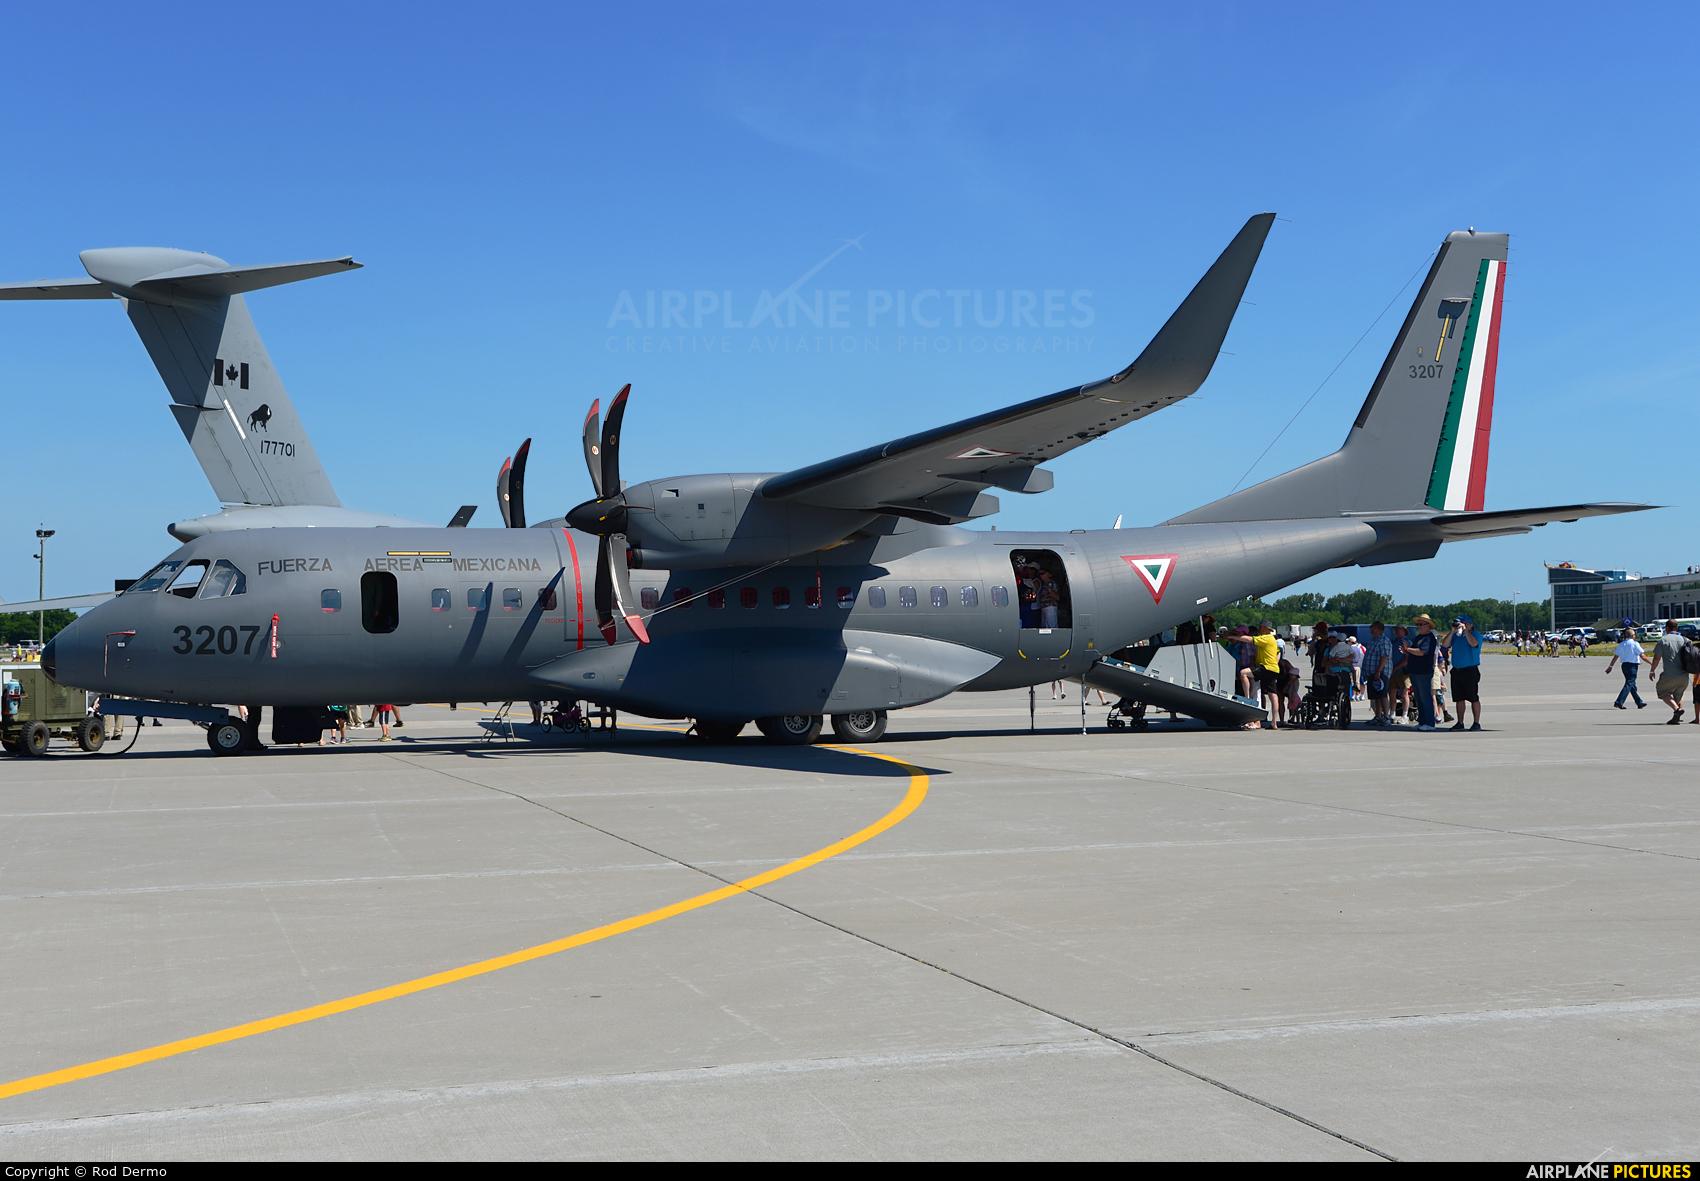 Mexico - Air Force 3207 aircraft at Trenton Airport